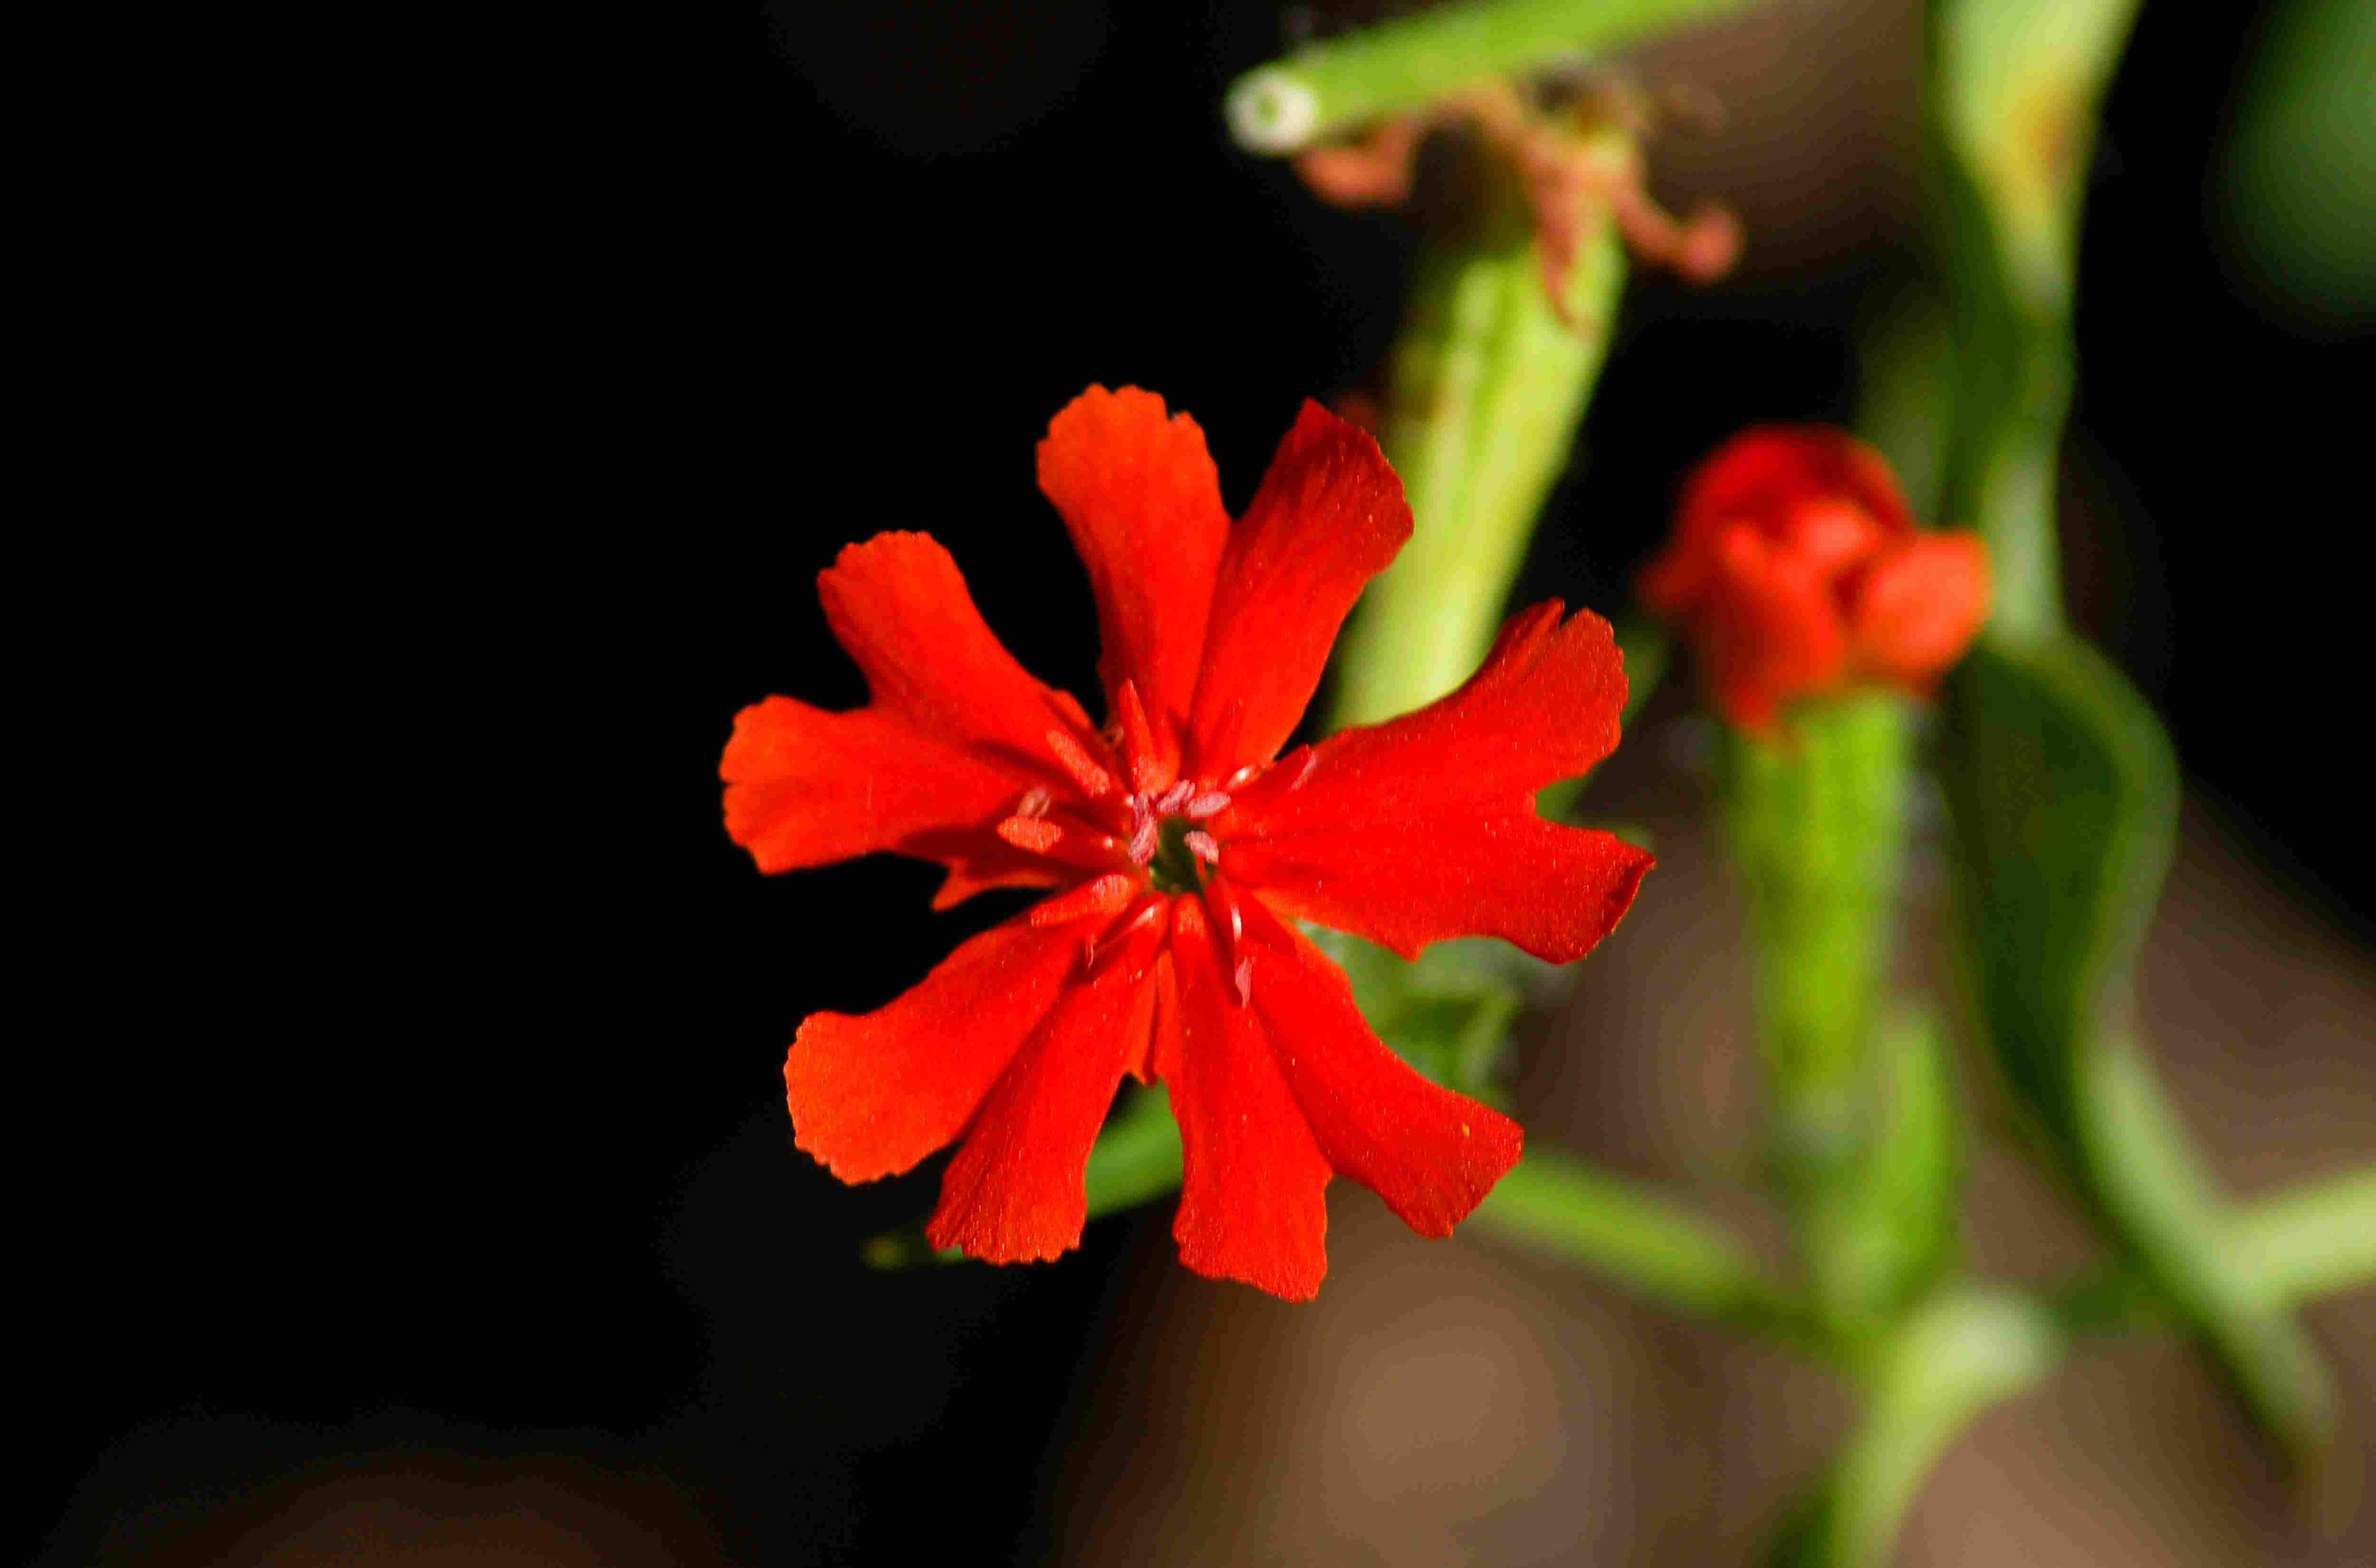 Maltese cross flower.